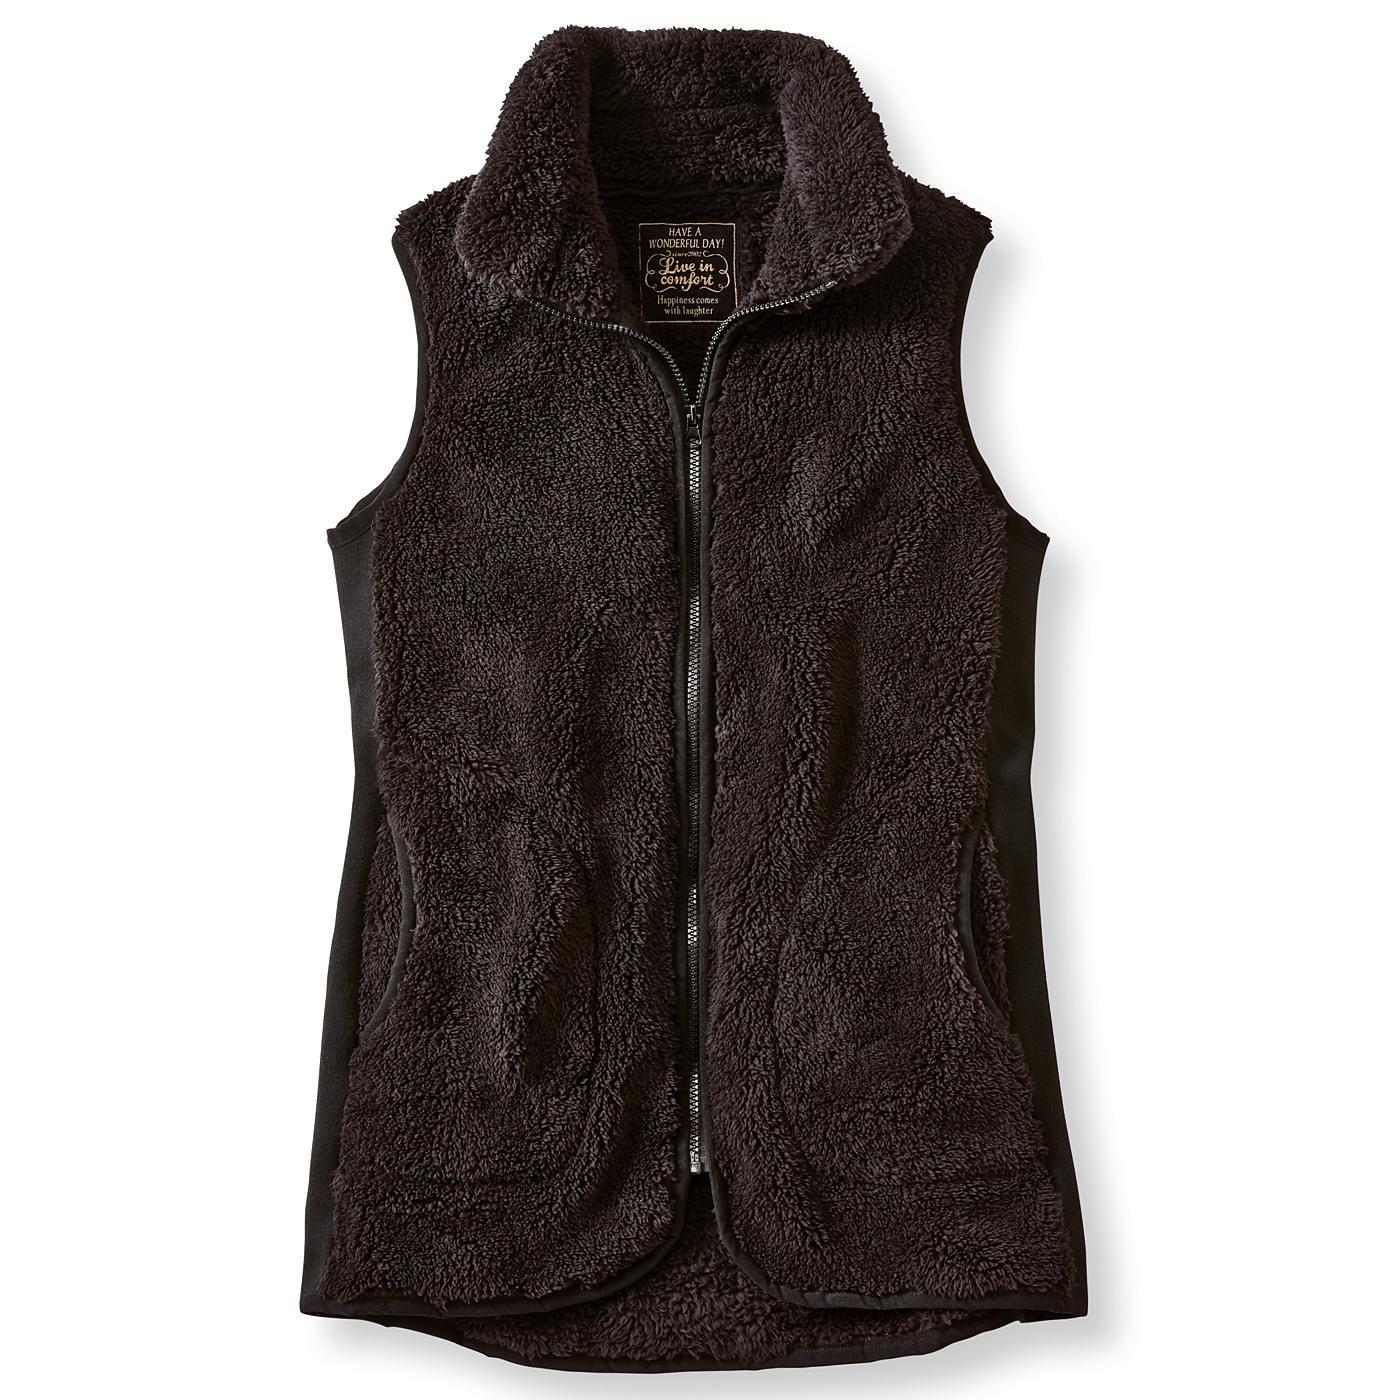 リブ イン コンフォート はまじとコラボ 腰まですっぽり暖かなサイドリブ遣いロングボアベスト〈ブラック〉